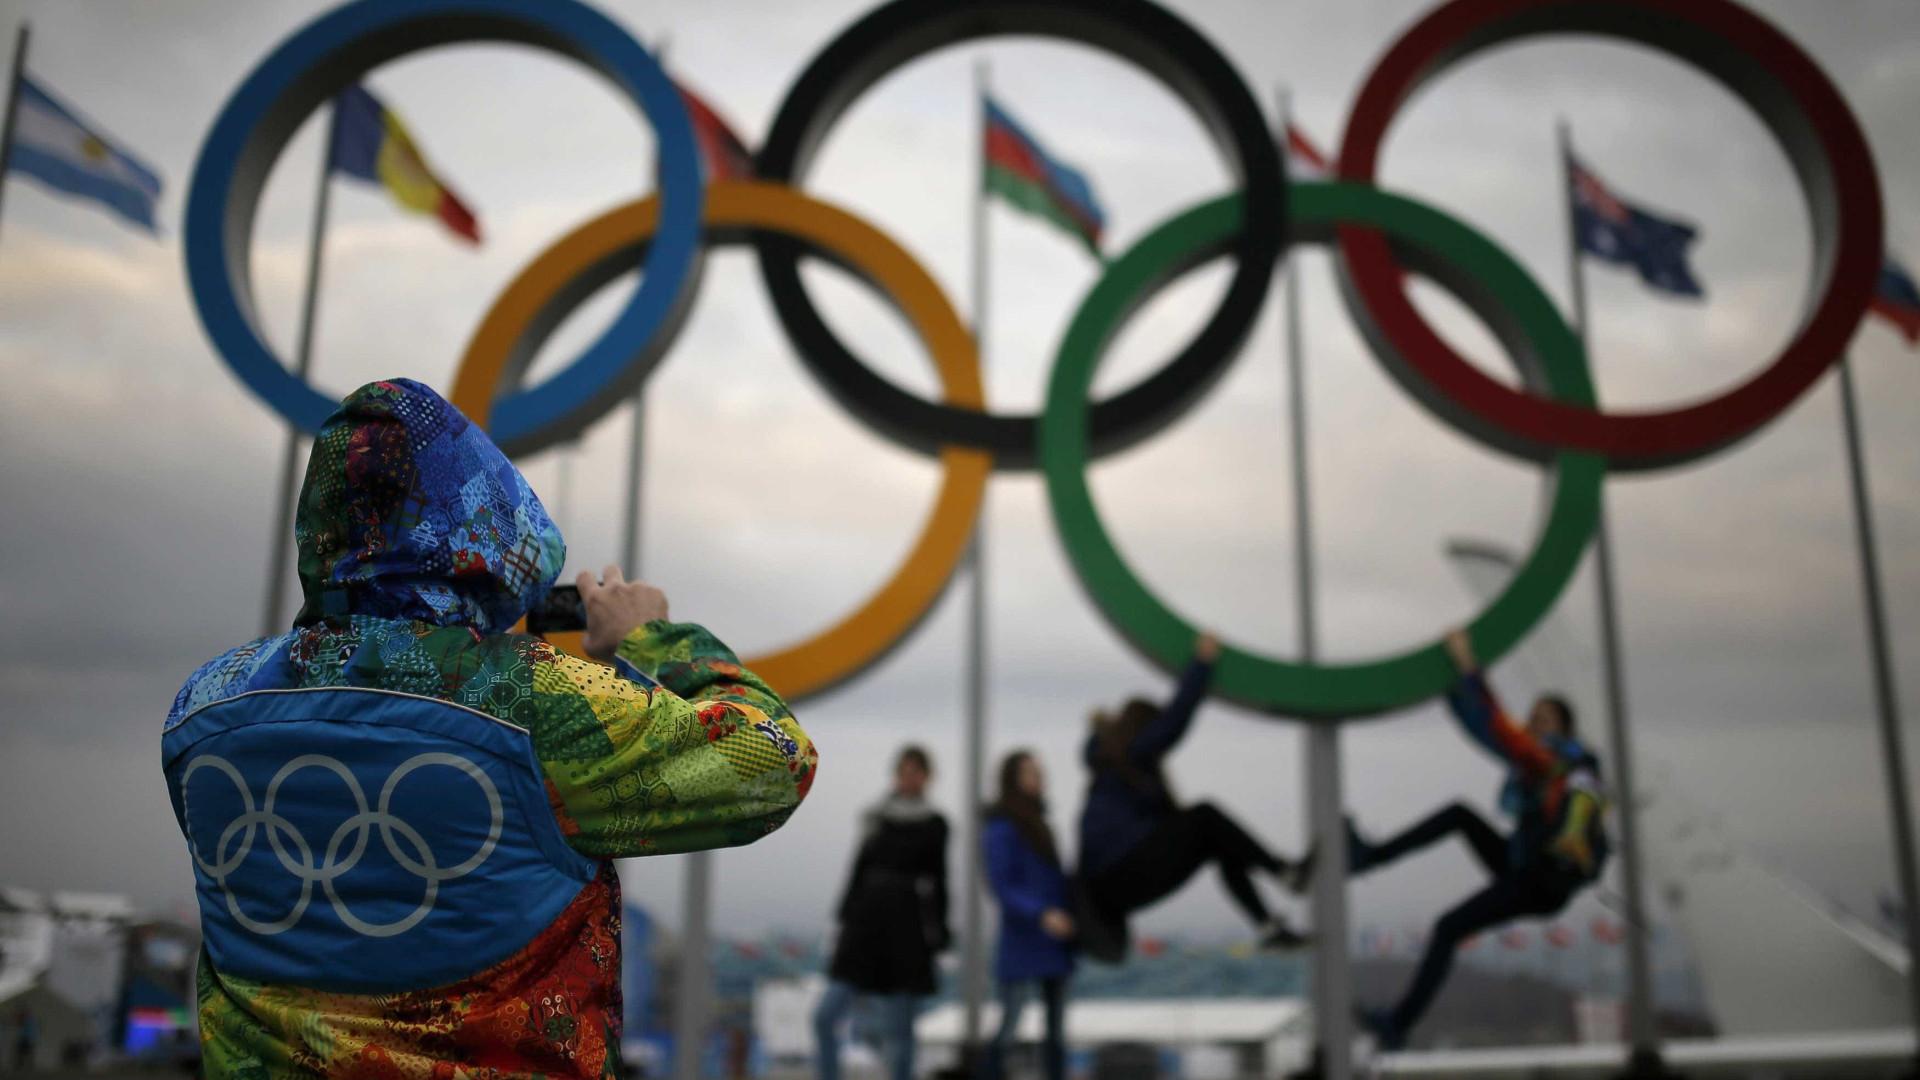 Oficial: Jogos Olímpicos de 2024 em Paris. Los Angeles em 2028